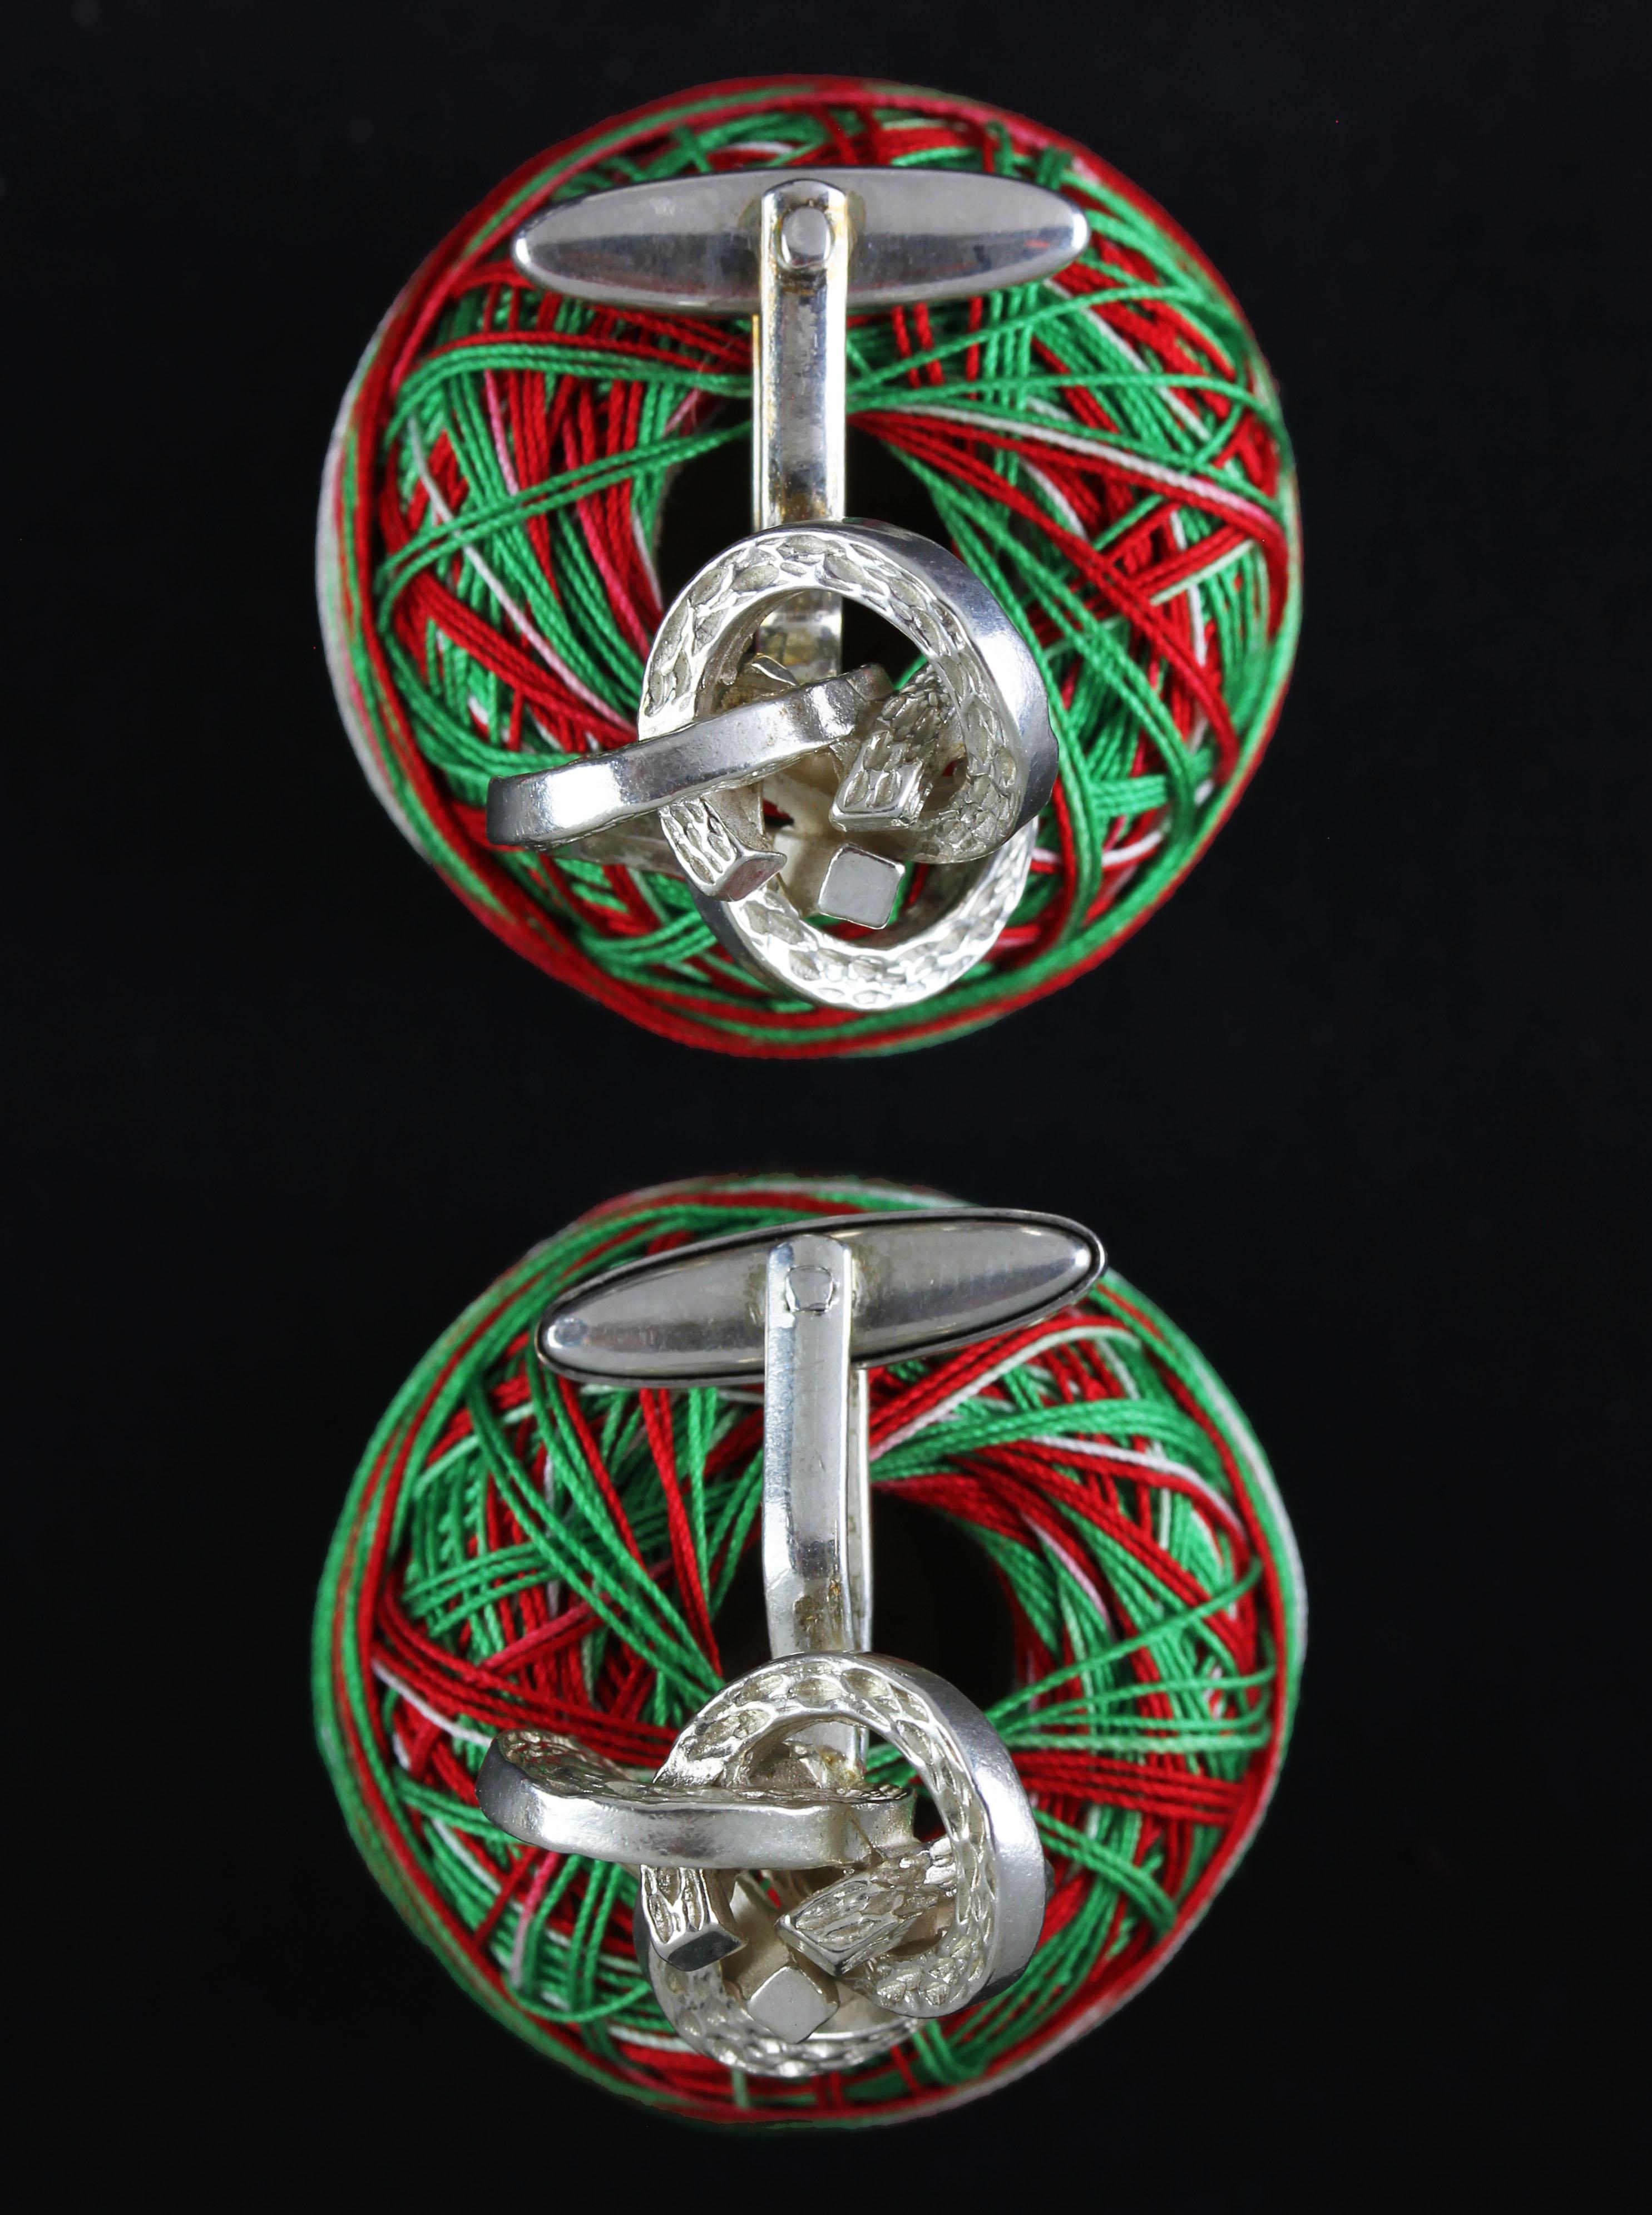 Rare knot cufflinks in a 60' ies design